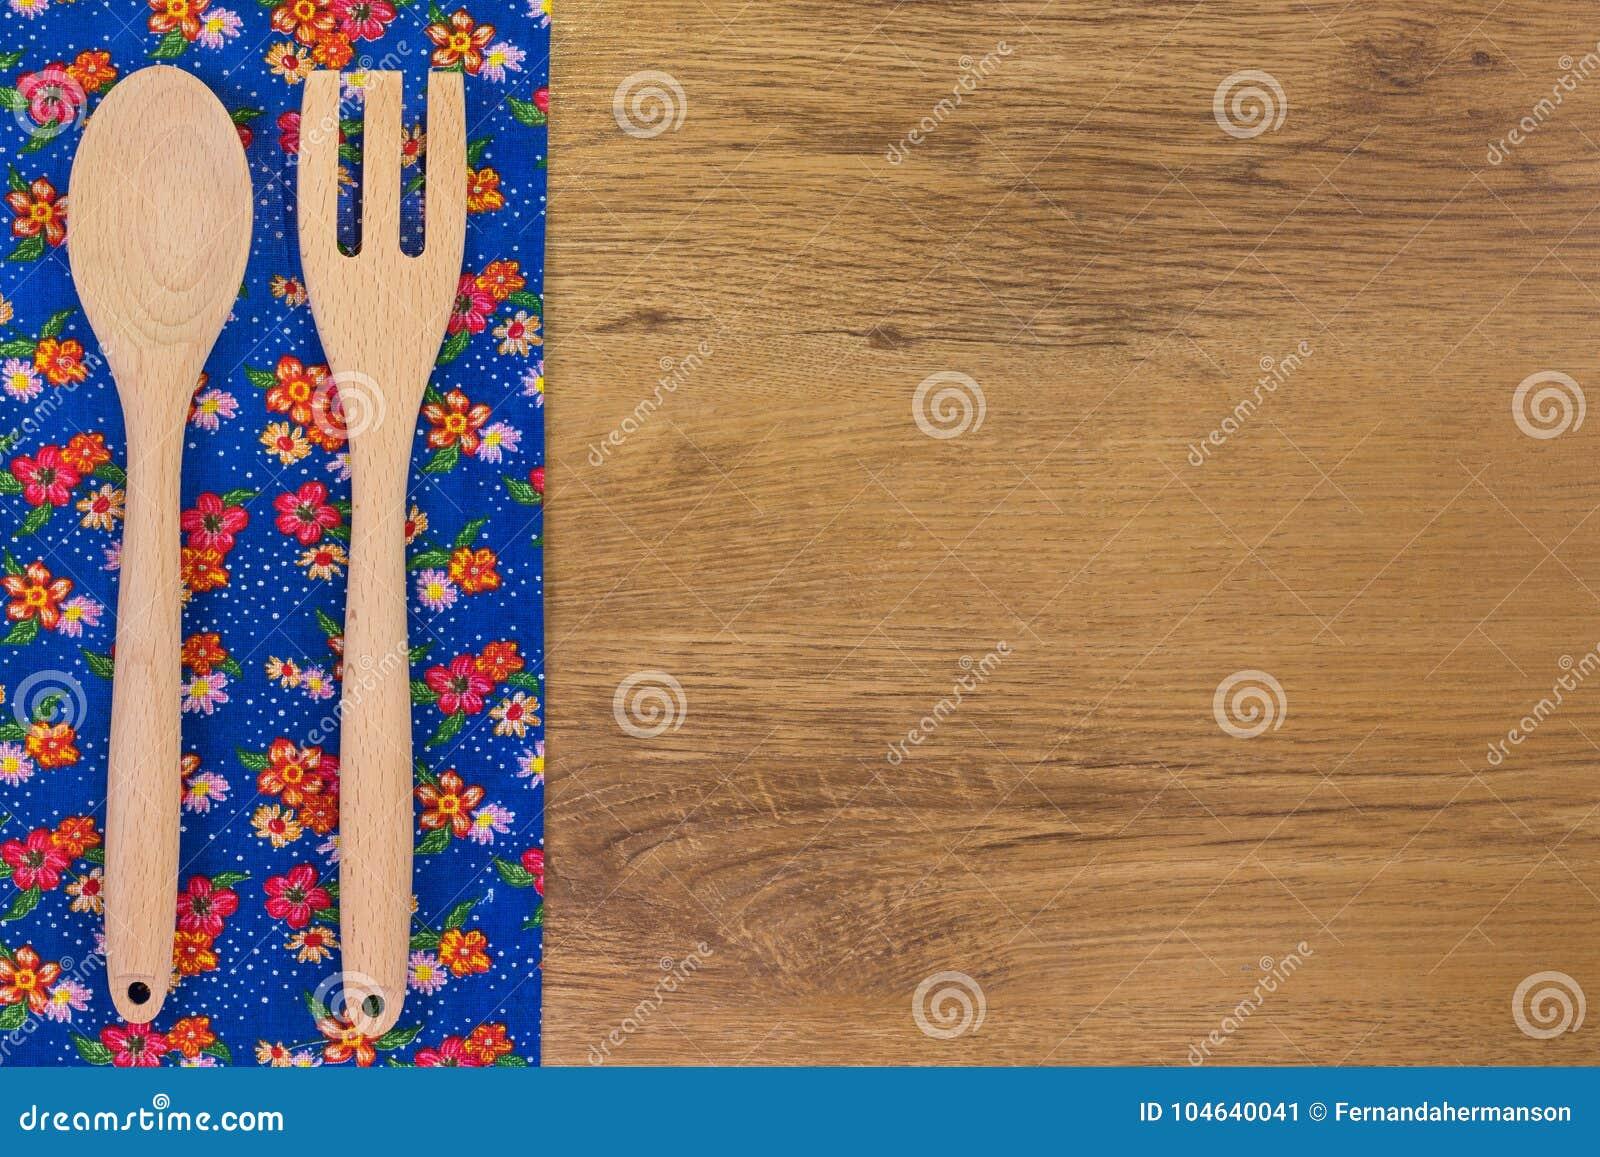 Download Reeks houten keukengerei stock afbeelding. Afbeelding bestaande uit raad - 104640041